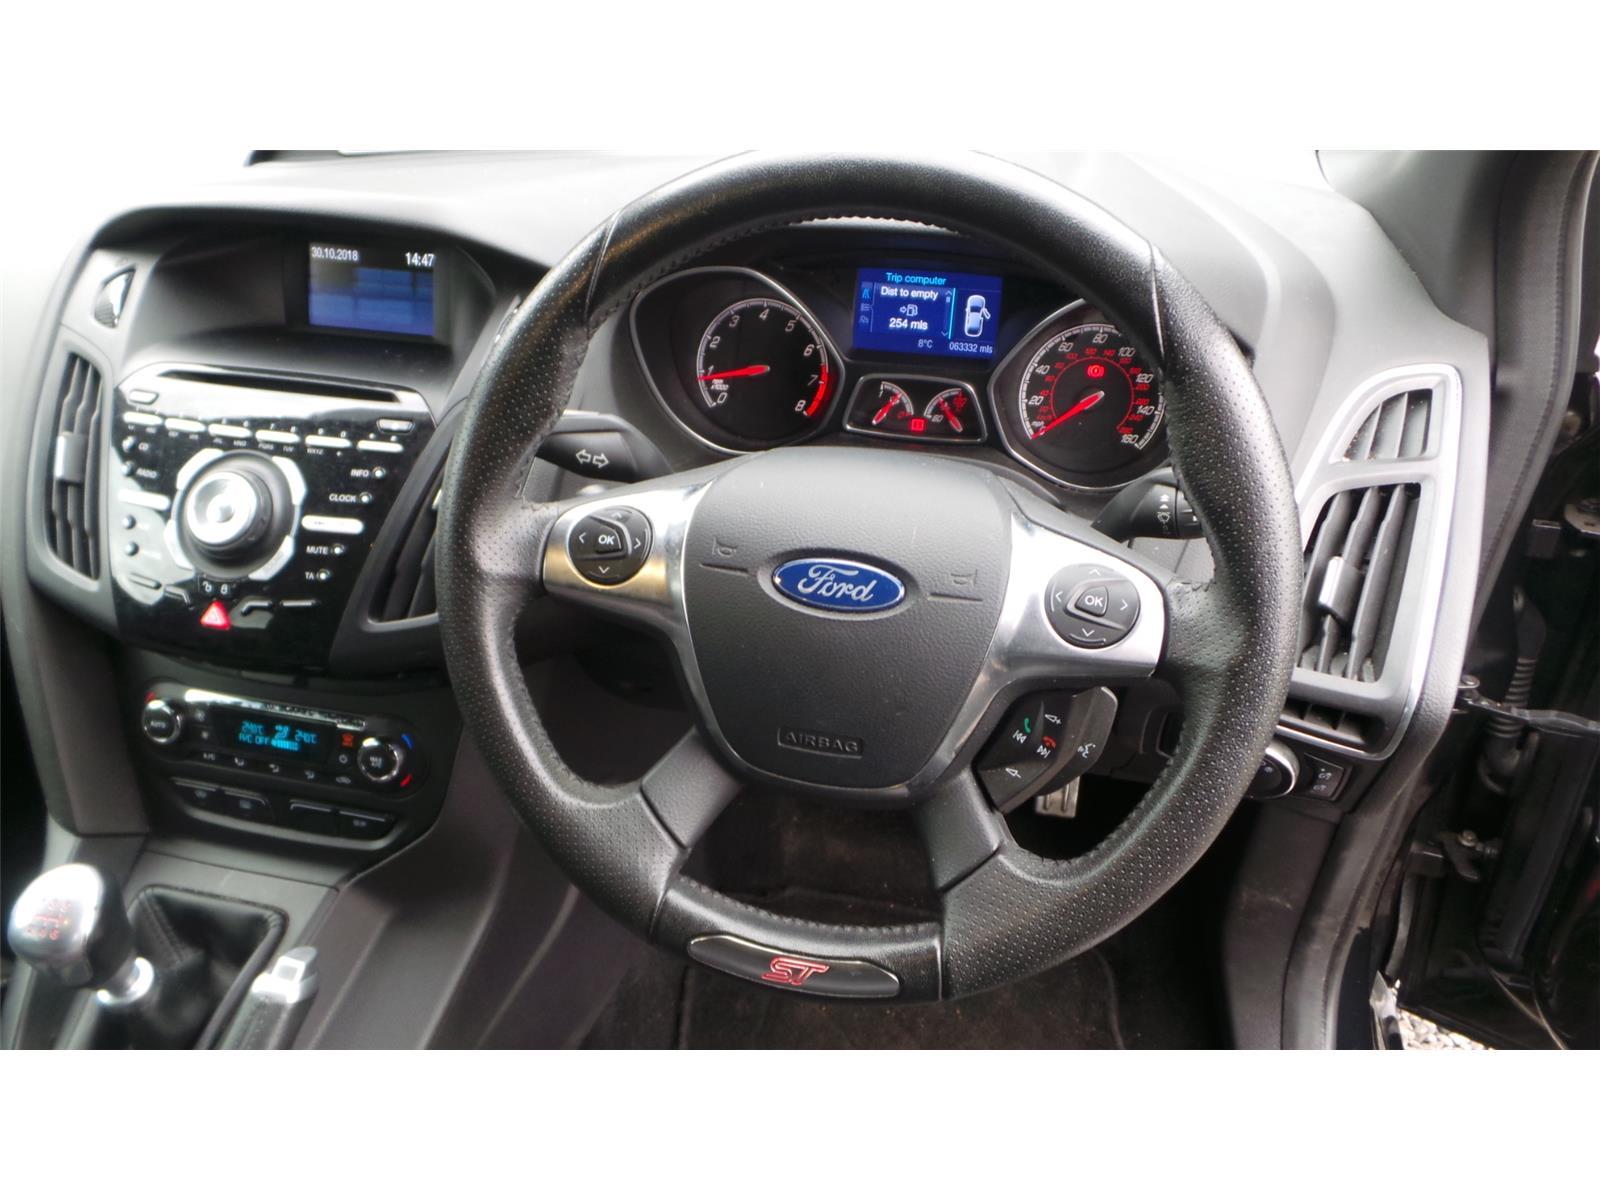 Ford Focus 1999 Manual Total Fitness Treadmill Elektrik Tl 8600 Motor 20hp 3 Array Repossessions Uk 2013 St 1999cc Petrol 6 Speed Rh